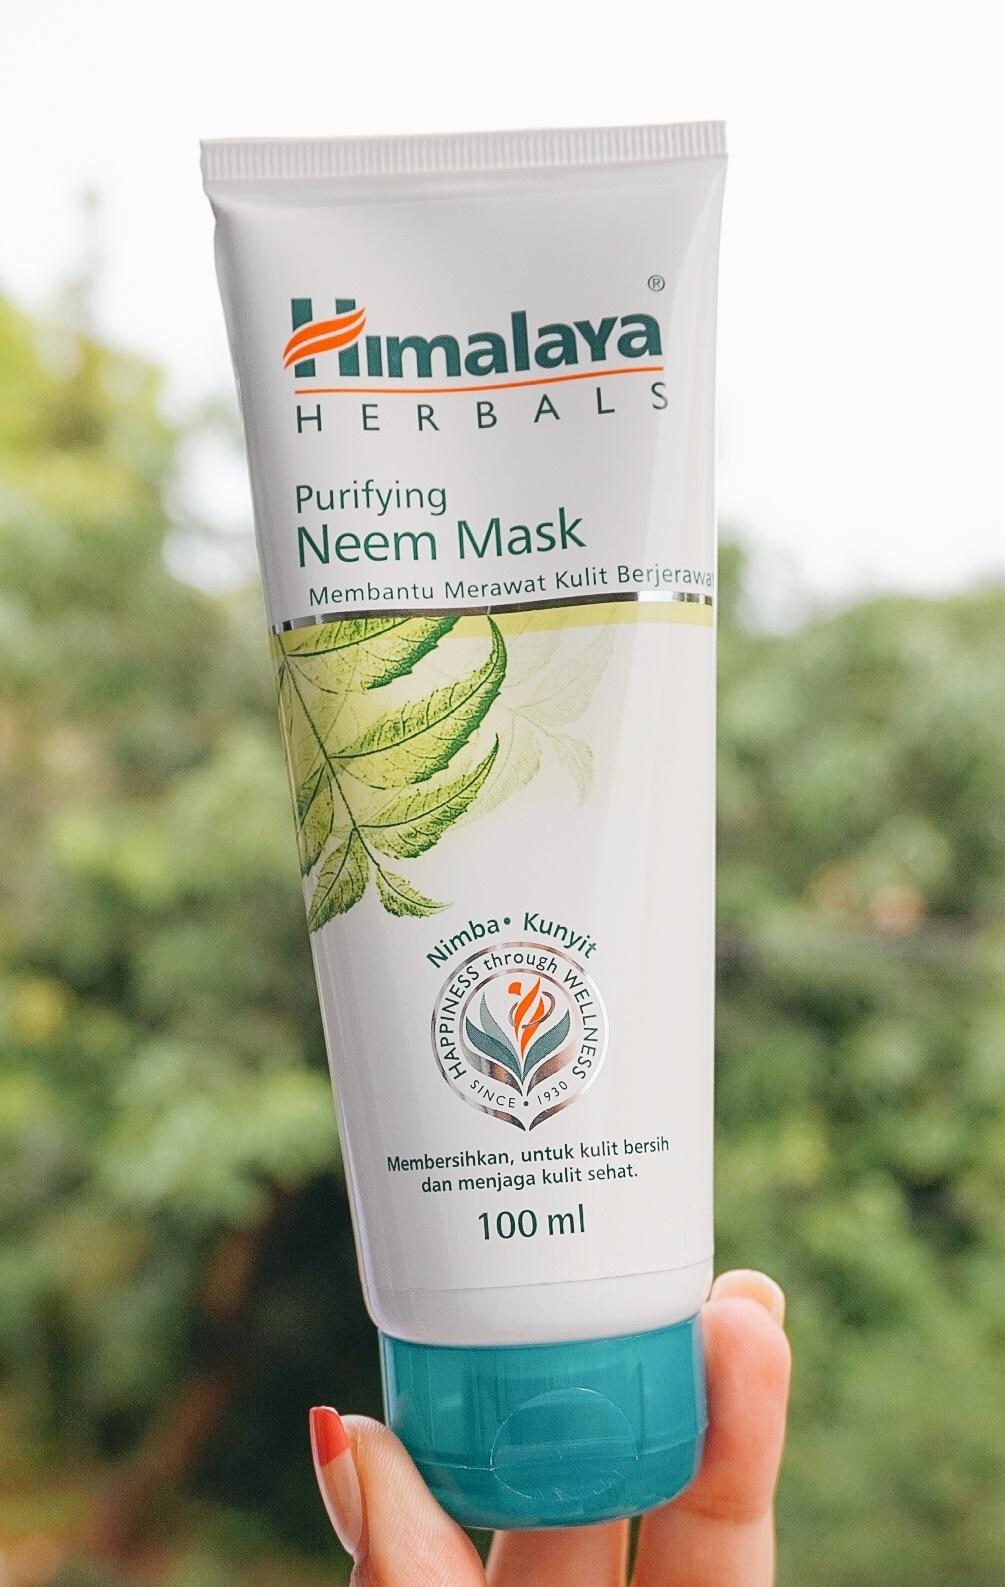 Himalaya Untuk Jerawat : himalaya, untuk, jerawat, Masker, Untuk, Kulit, Berjerawat,, Himalaya, Purifying, Review, Indonesian, Beauty, Travel, Blogger